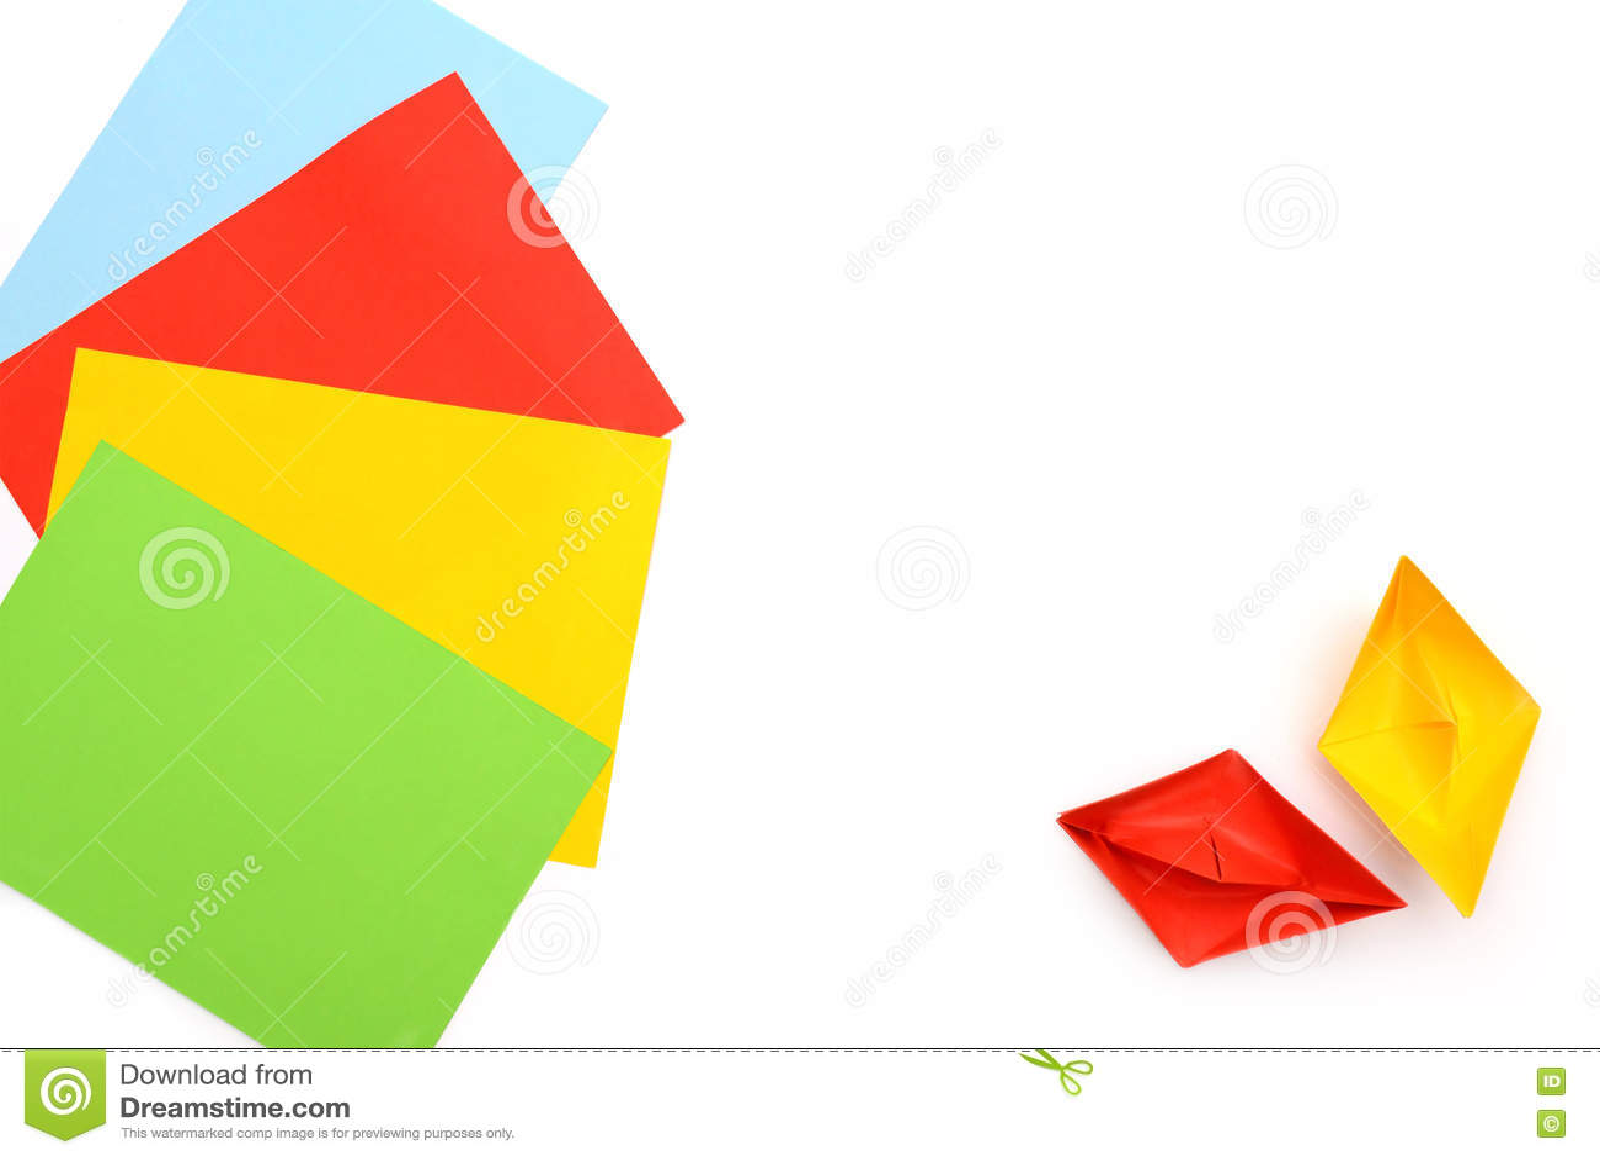 Bateaux De Papier Jaunes Et Rouges Origami Feuilles De Papier